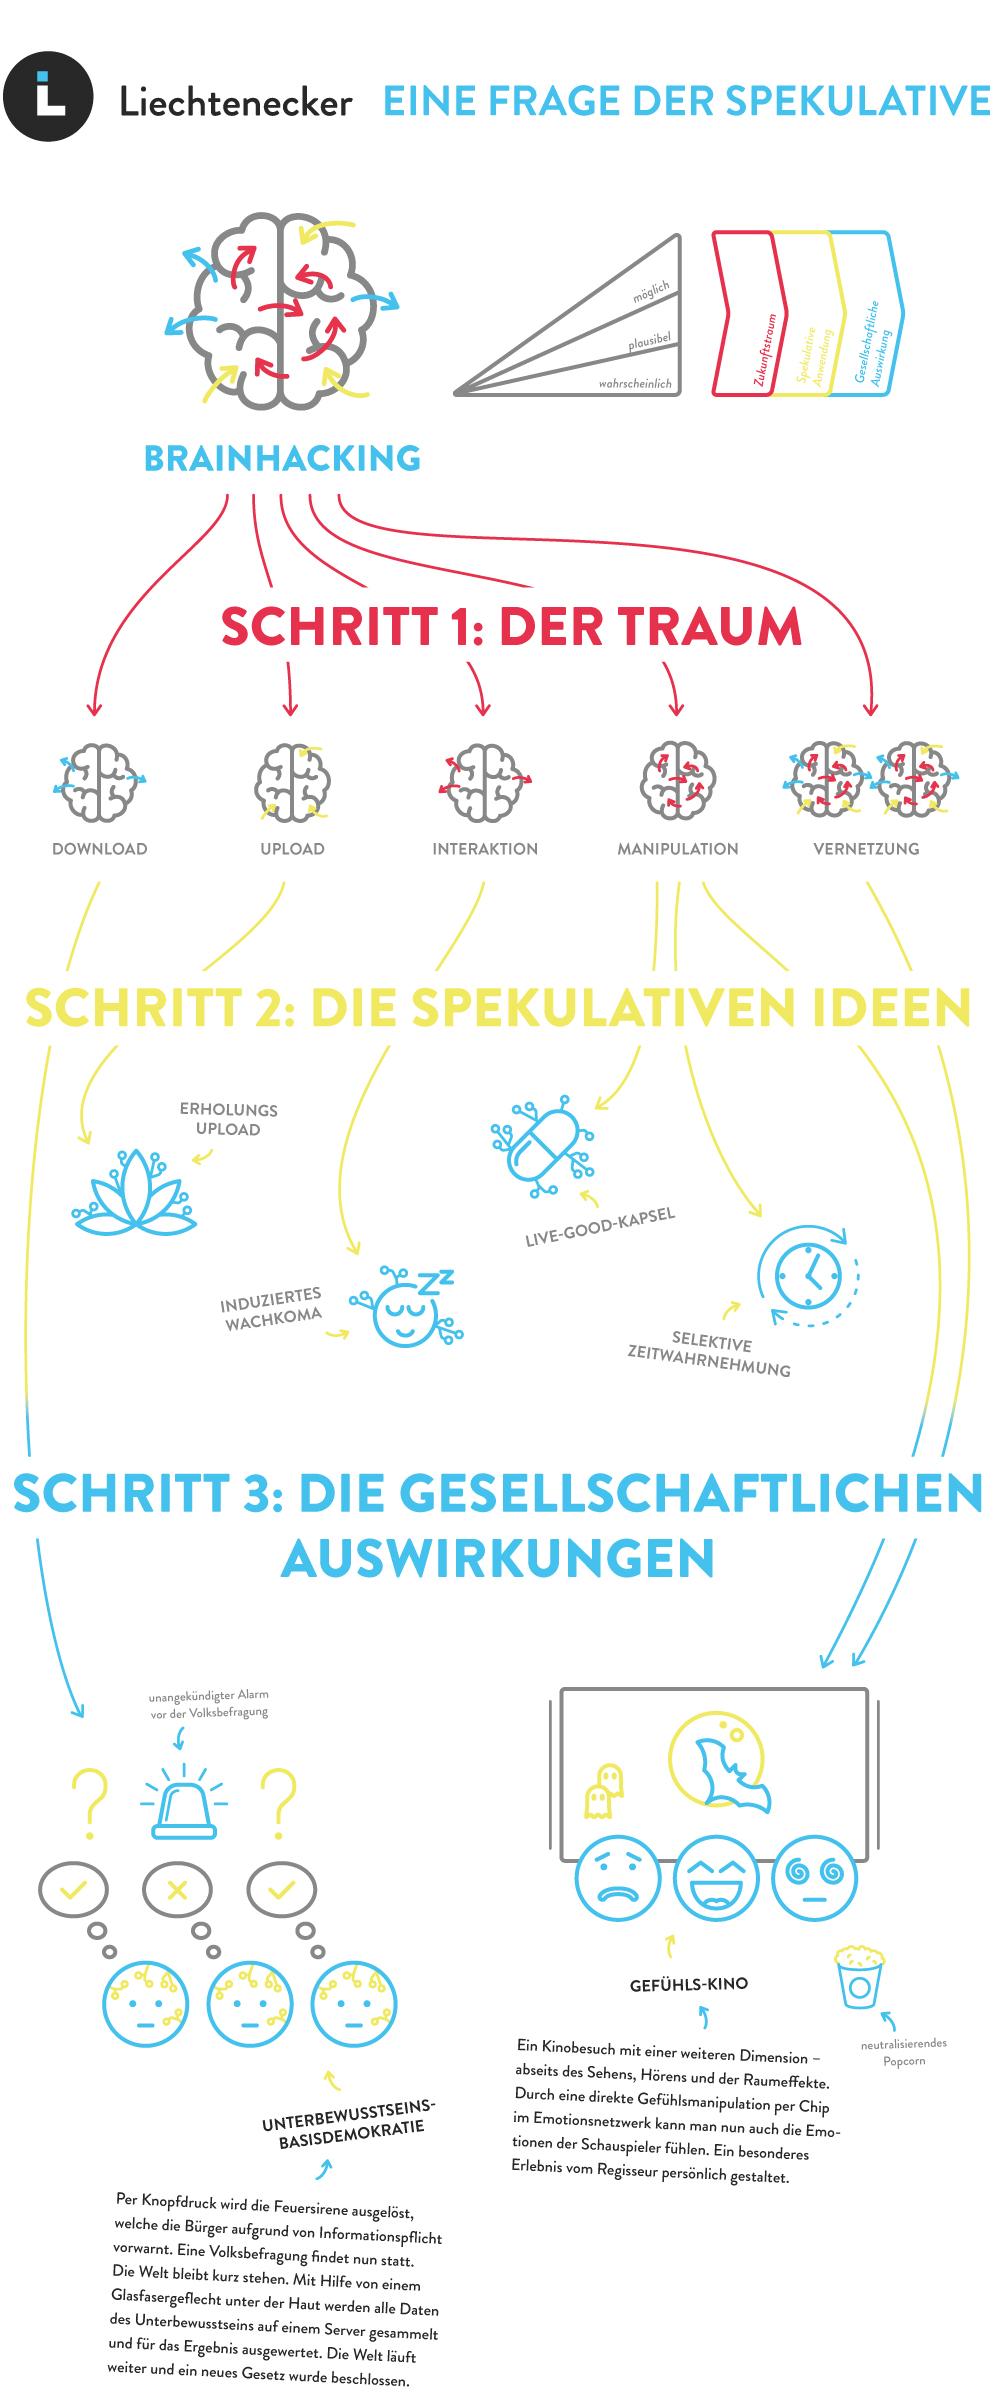 liechtenecker - eine frage der spekulative - grafik